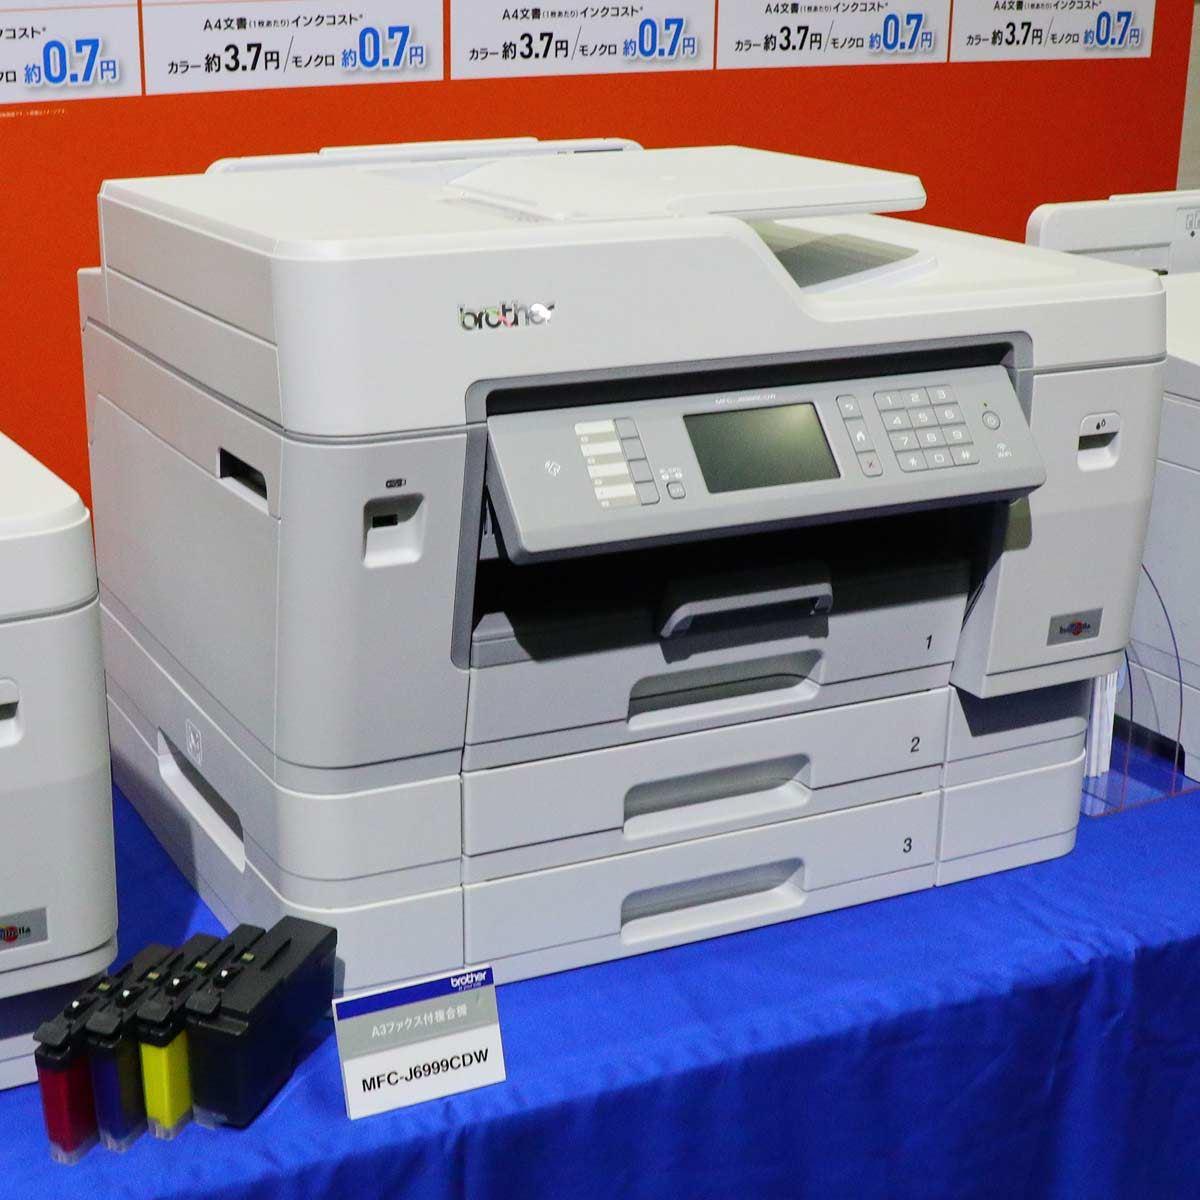 ビジネスプリンター PX-S シリーズ|製品情報|エプソン